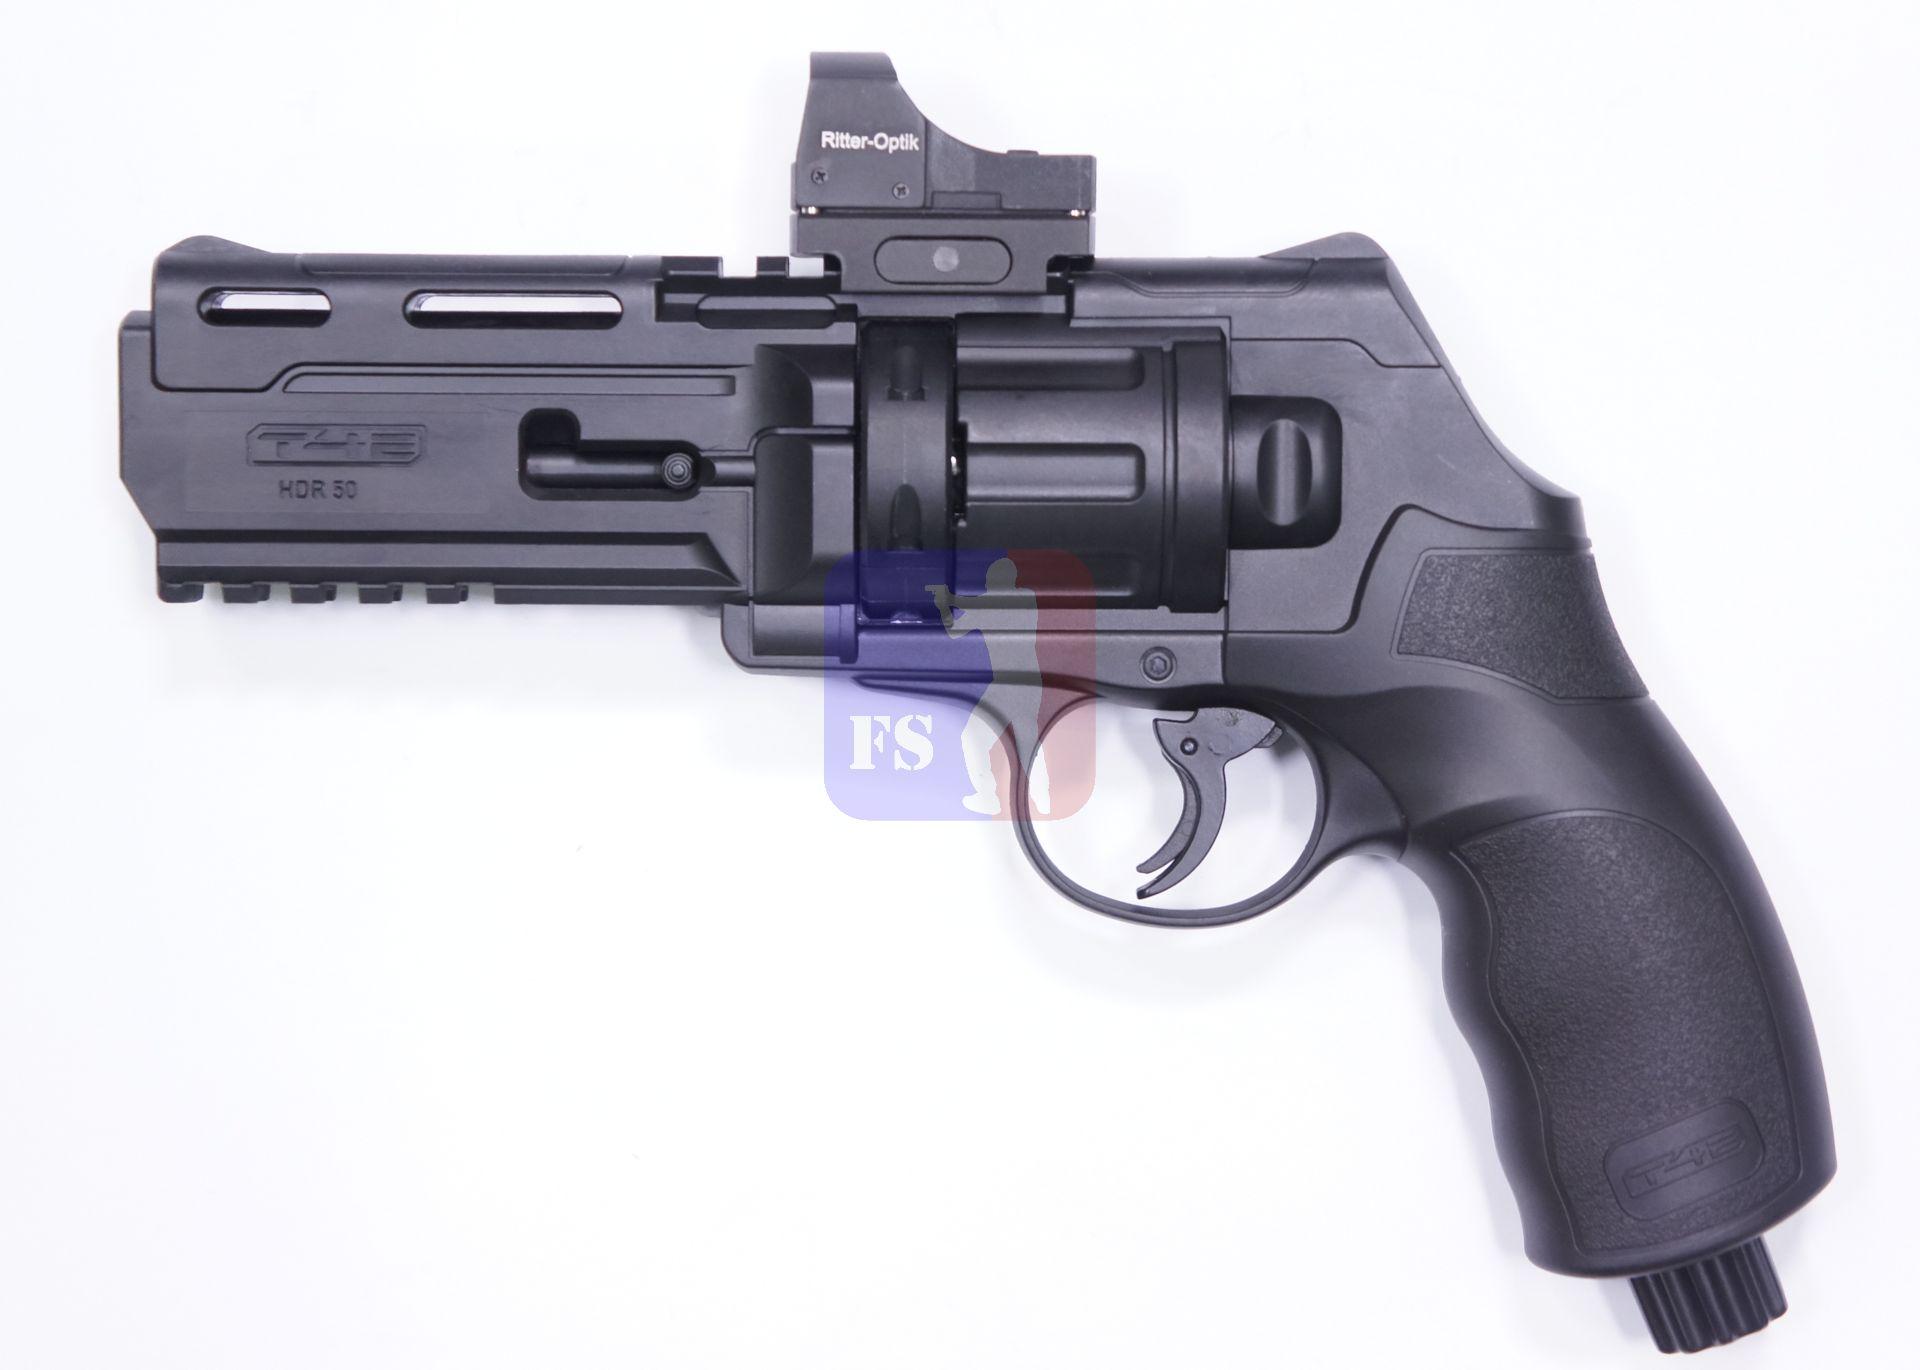 Eigentlich kann auch gut ohne so ein Leuchtpunktvisier oder Reflexvisier geschossen werden. Aber mit Reflexviasier sieht der HDR 68 beindruckender aus.